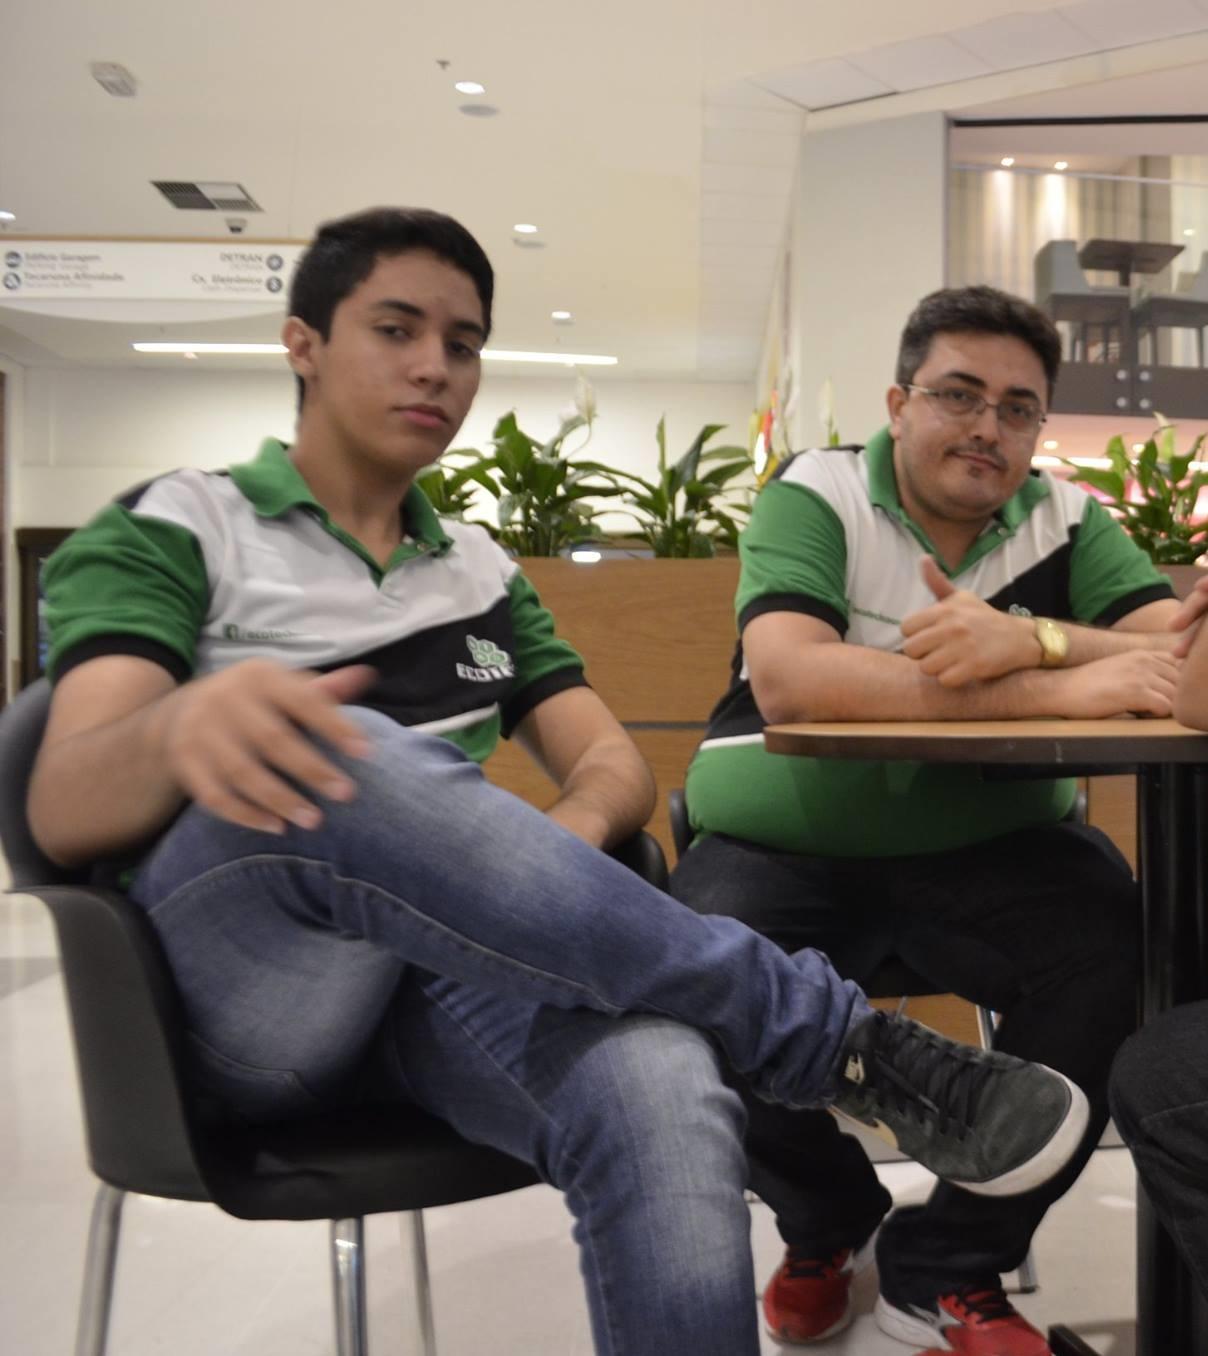 Mateus Gomes e Rodrigo Marques (Foto: Arquivo Pessoal)